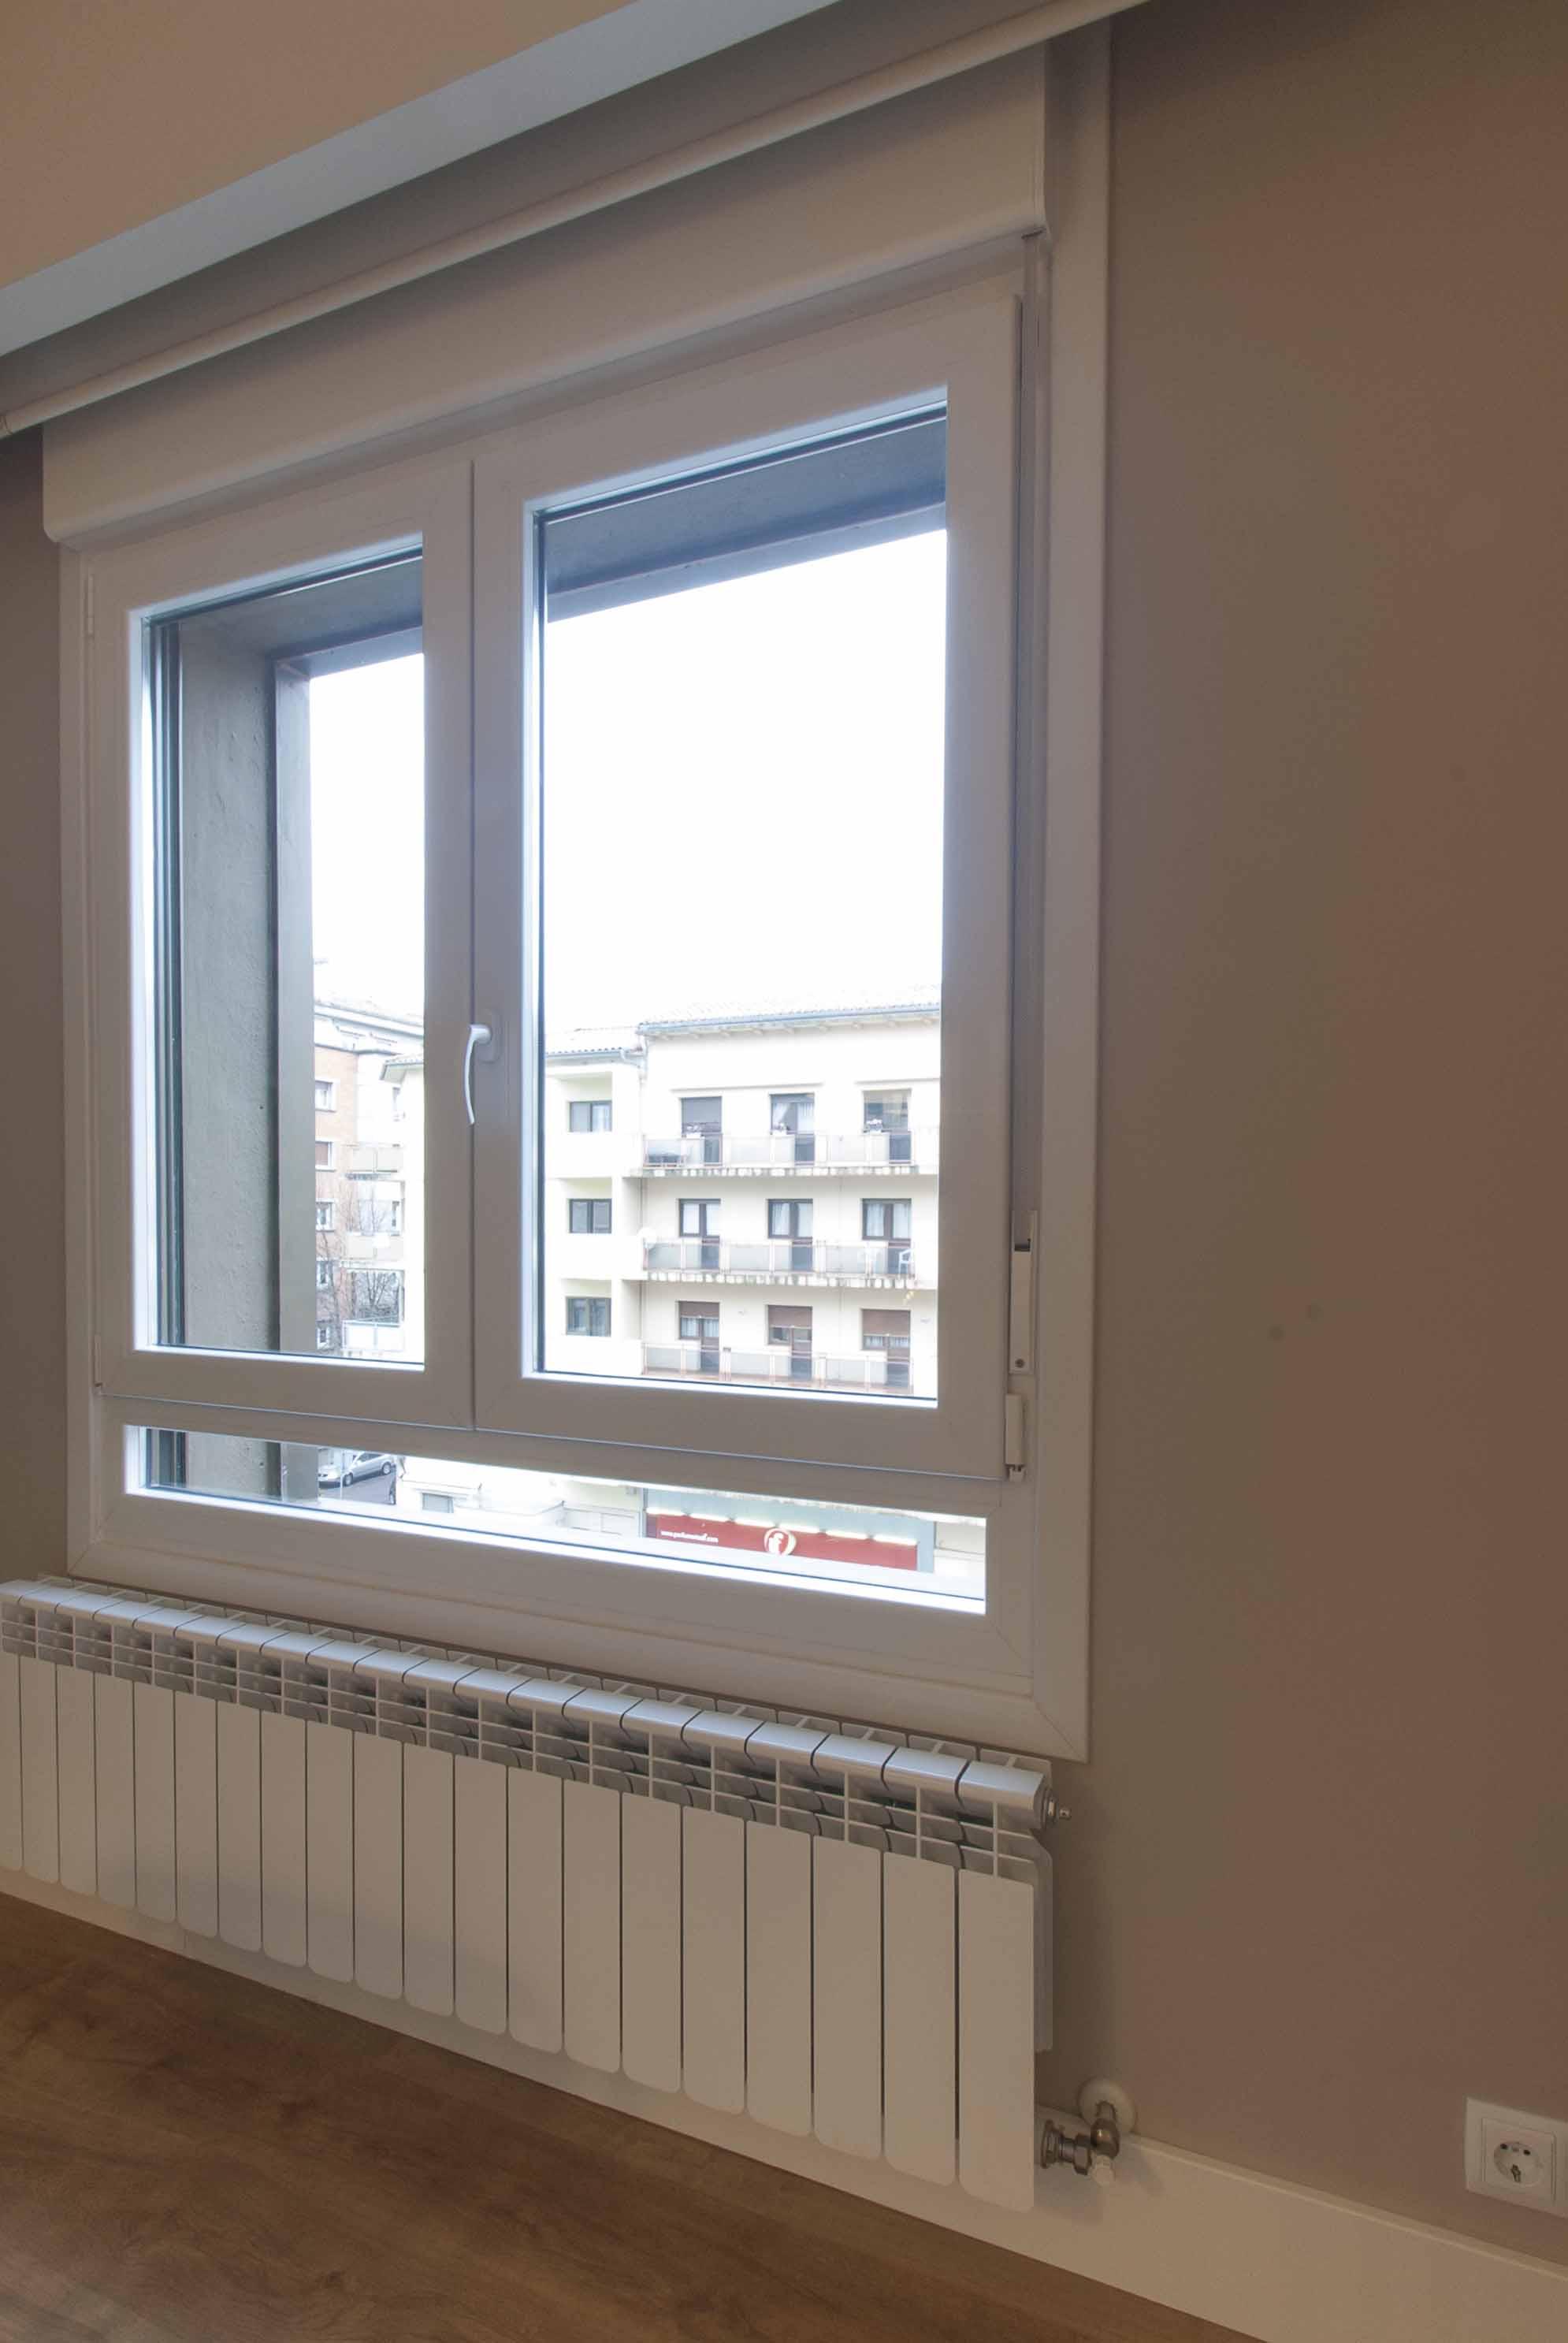 Ofertas ventanas pvc best ventanas pvc collado villalba - Ventanas de aluminio o pvc precios ...